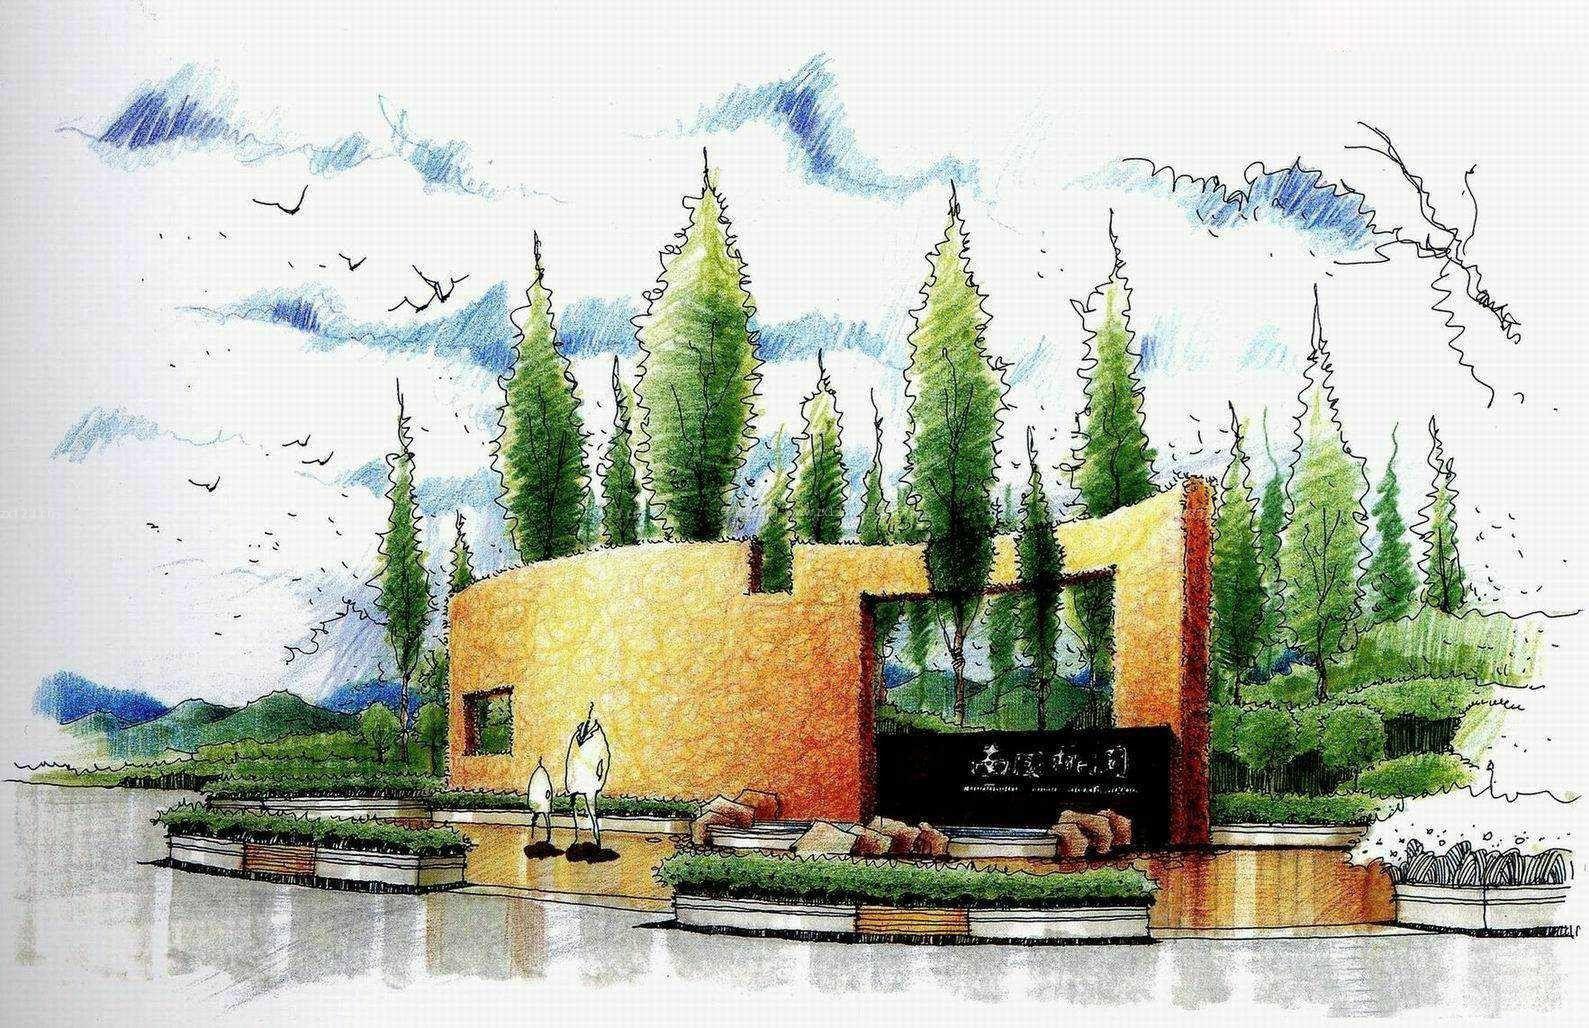 广场喷泉绿化景观手绘效果图